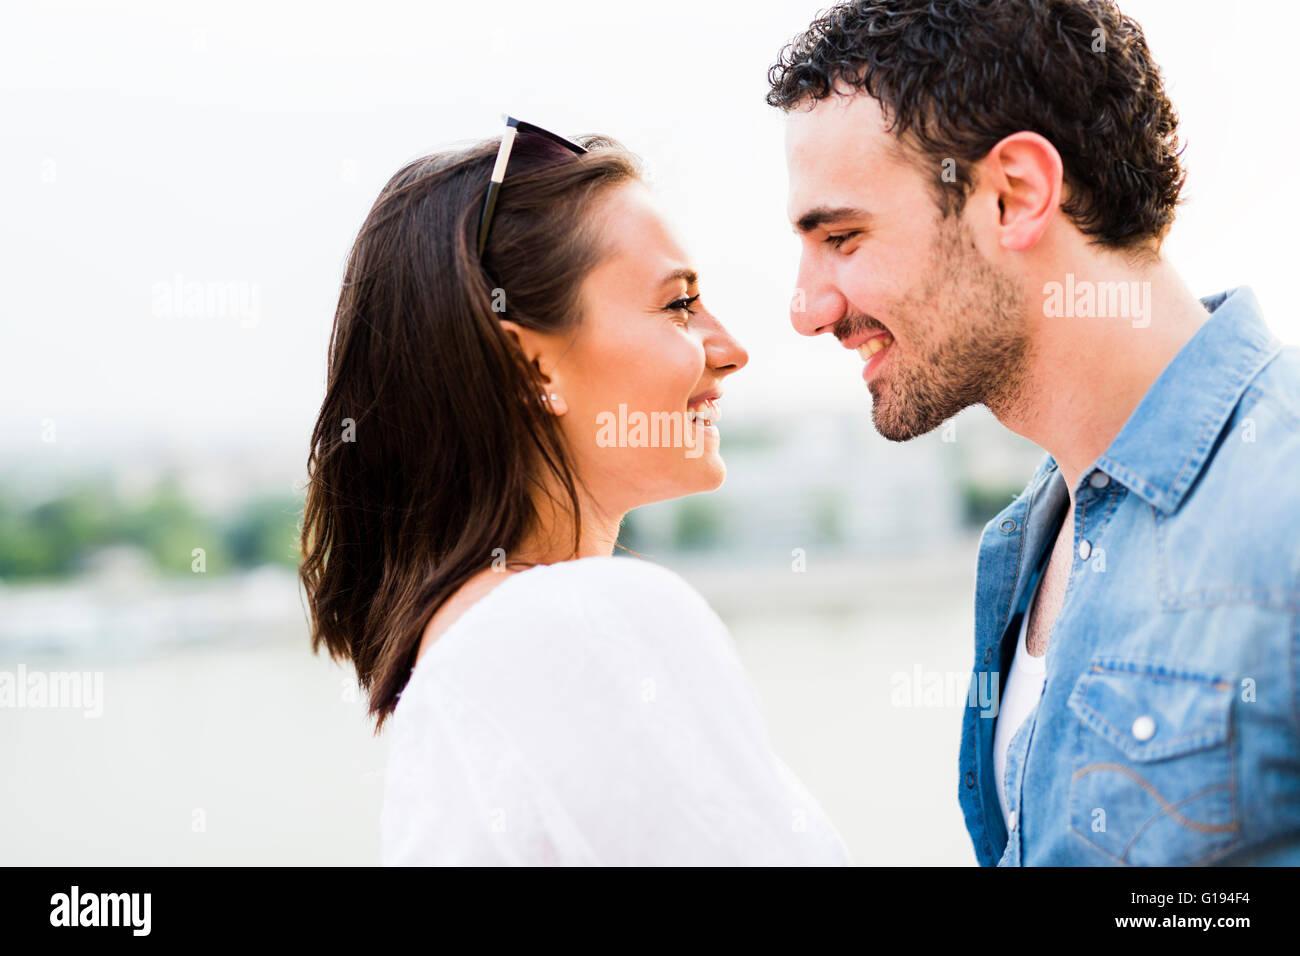 Jovem casal bonito esfregando o nariz como um sinal de amor e sobre a beijam Imagens de Stock